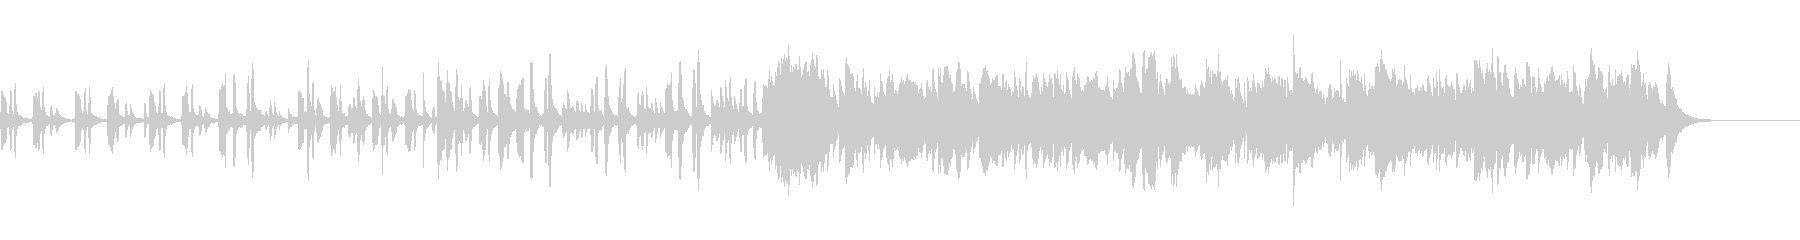 ほのぼのした雰囲気の日常BGMの未再生の波形